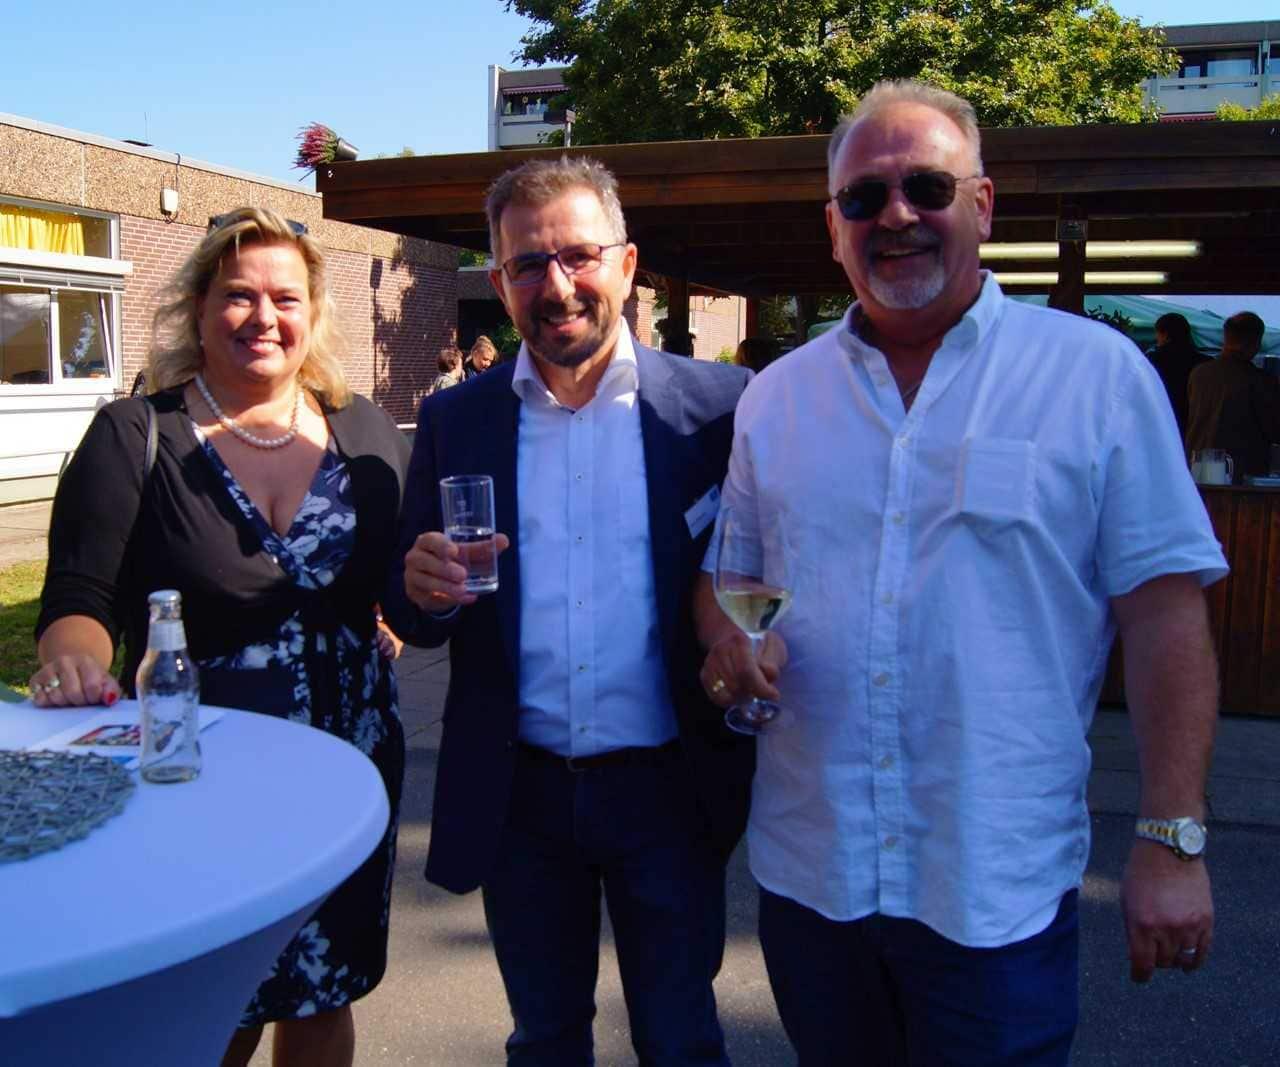 Geschäftsführer Volker Biewald (Mitte) begrüßt die zahlreichen Gäste